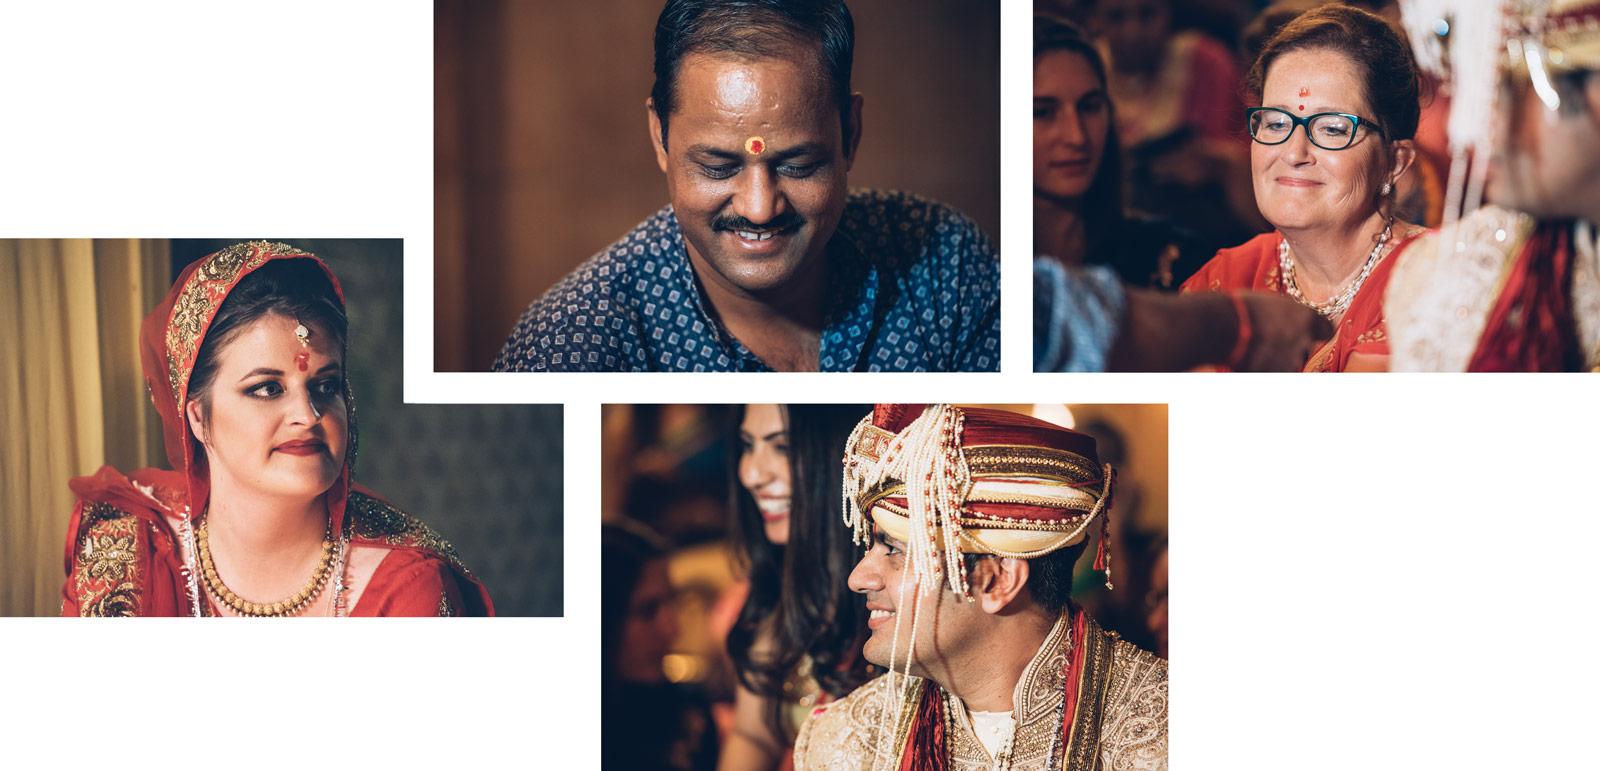 Mariage en Inde preparation